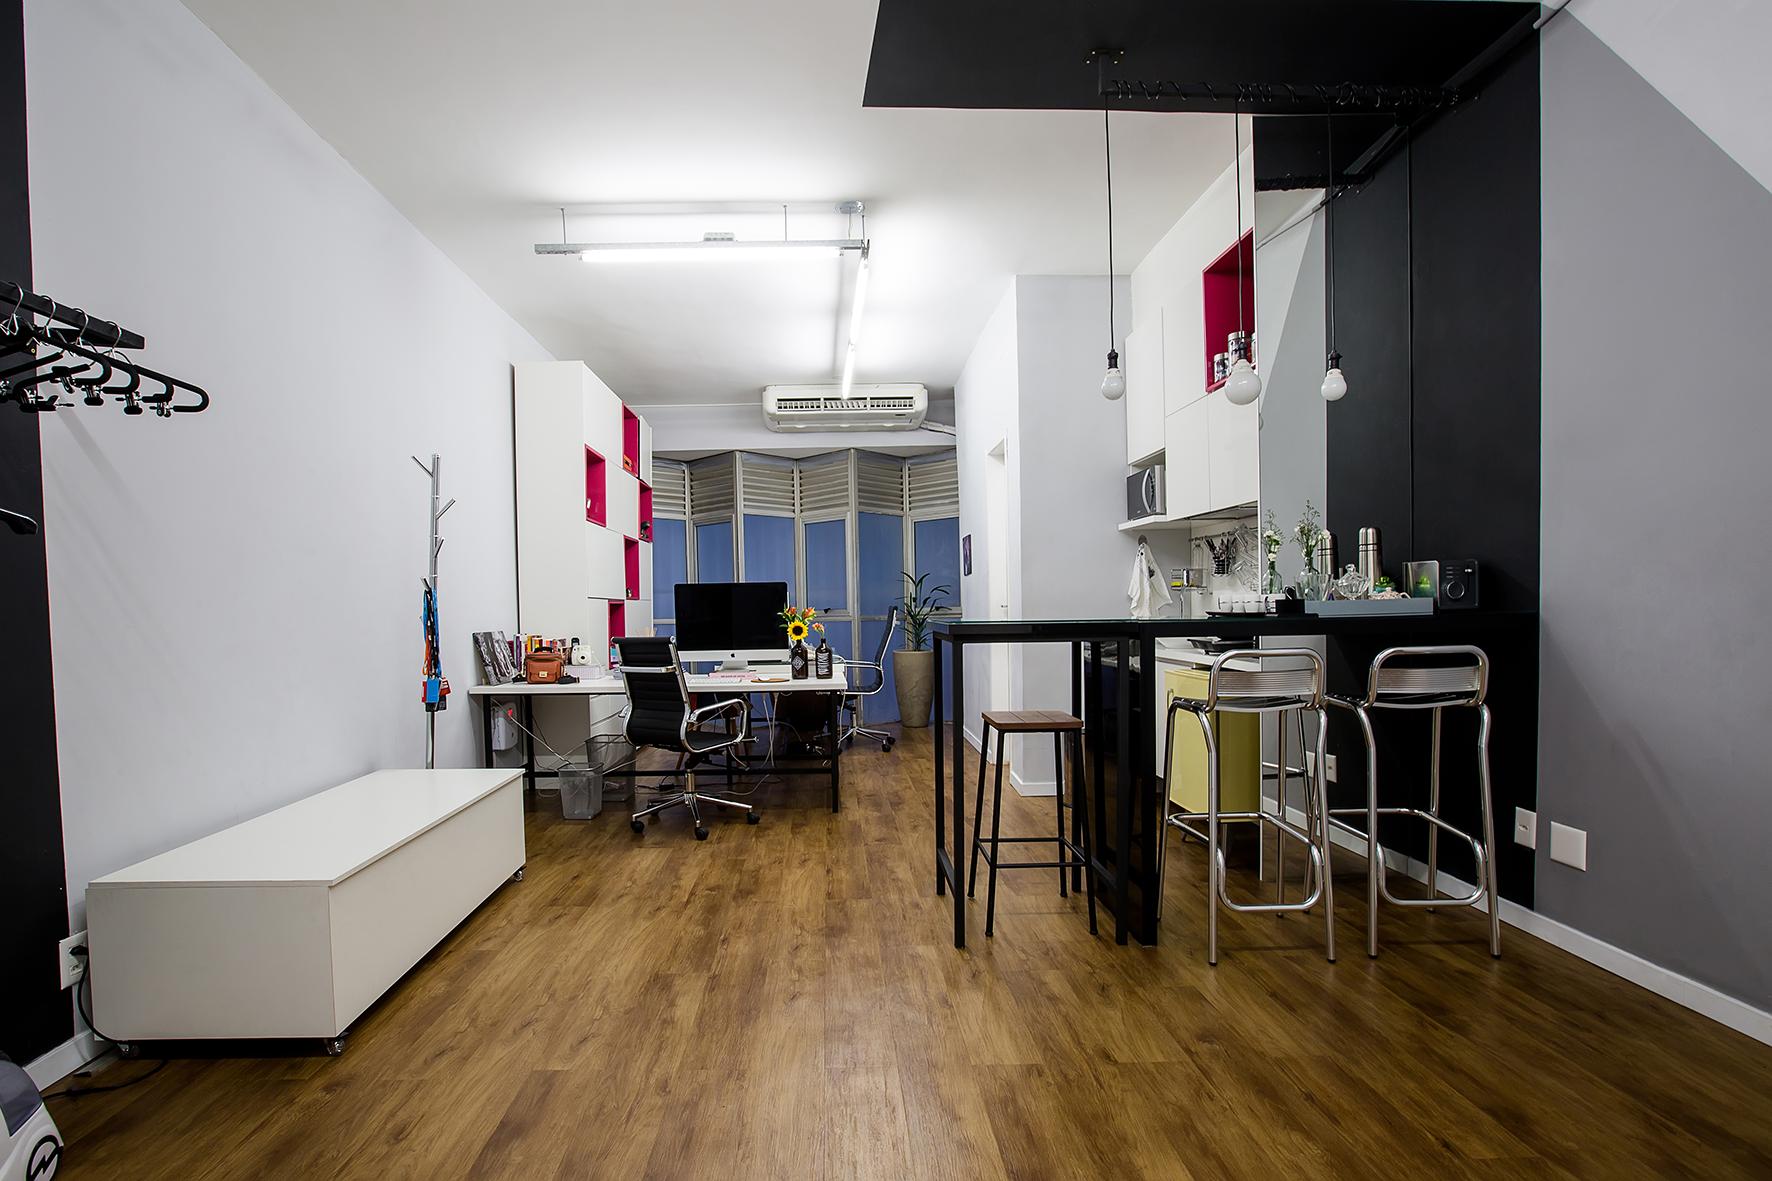 Estúdio com piso vinílico amadeirado, pintura das paredes com detalhes em cinza Prata Fina (Coral) e faixas pretas. Lâmpadas instaladas em eletrocalhas.